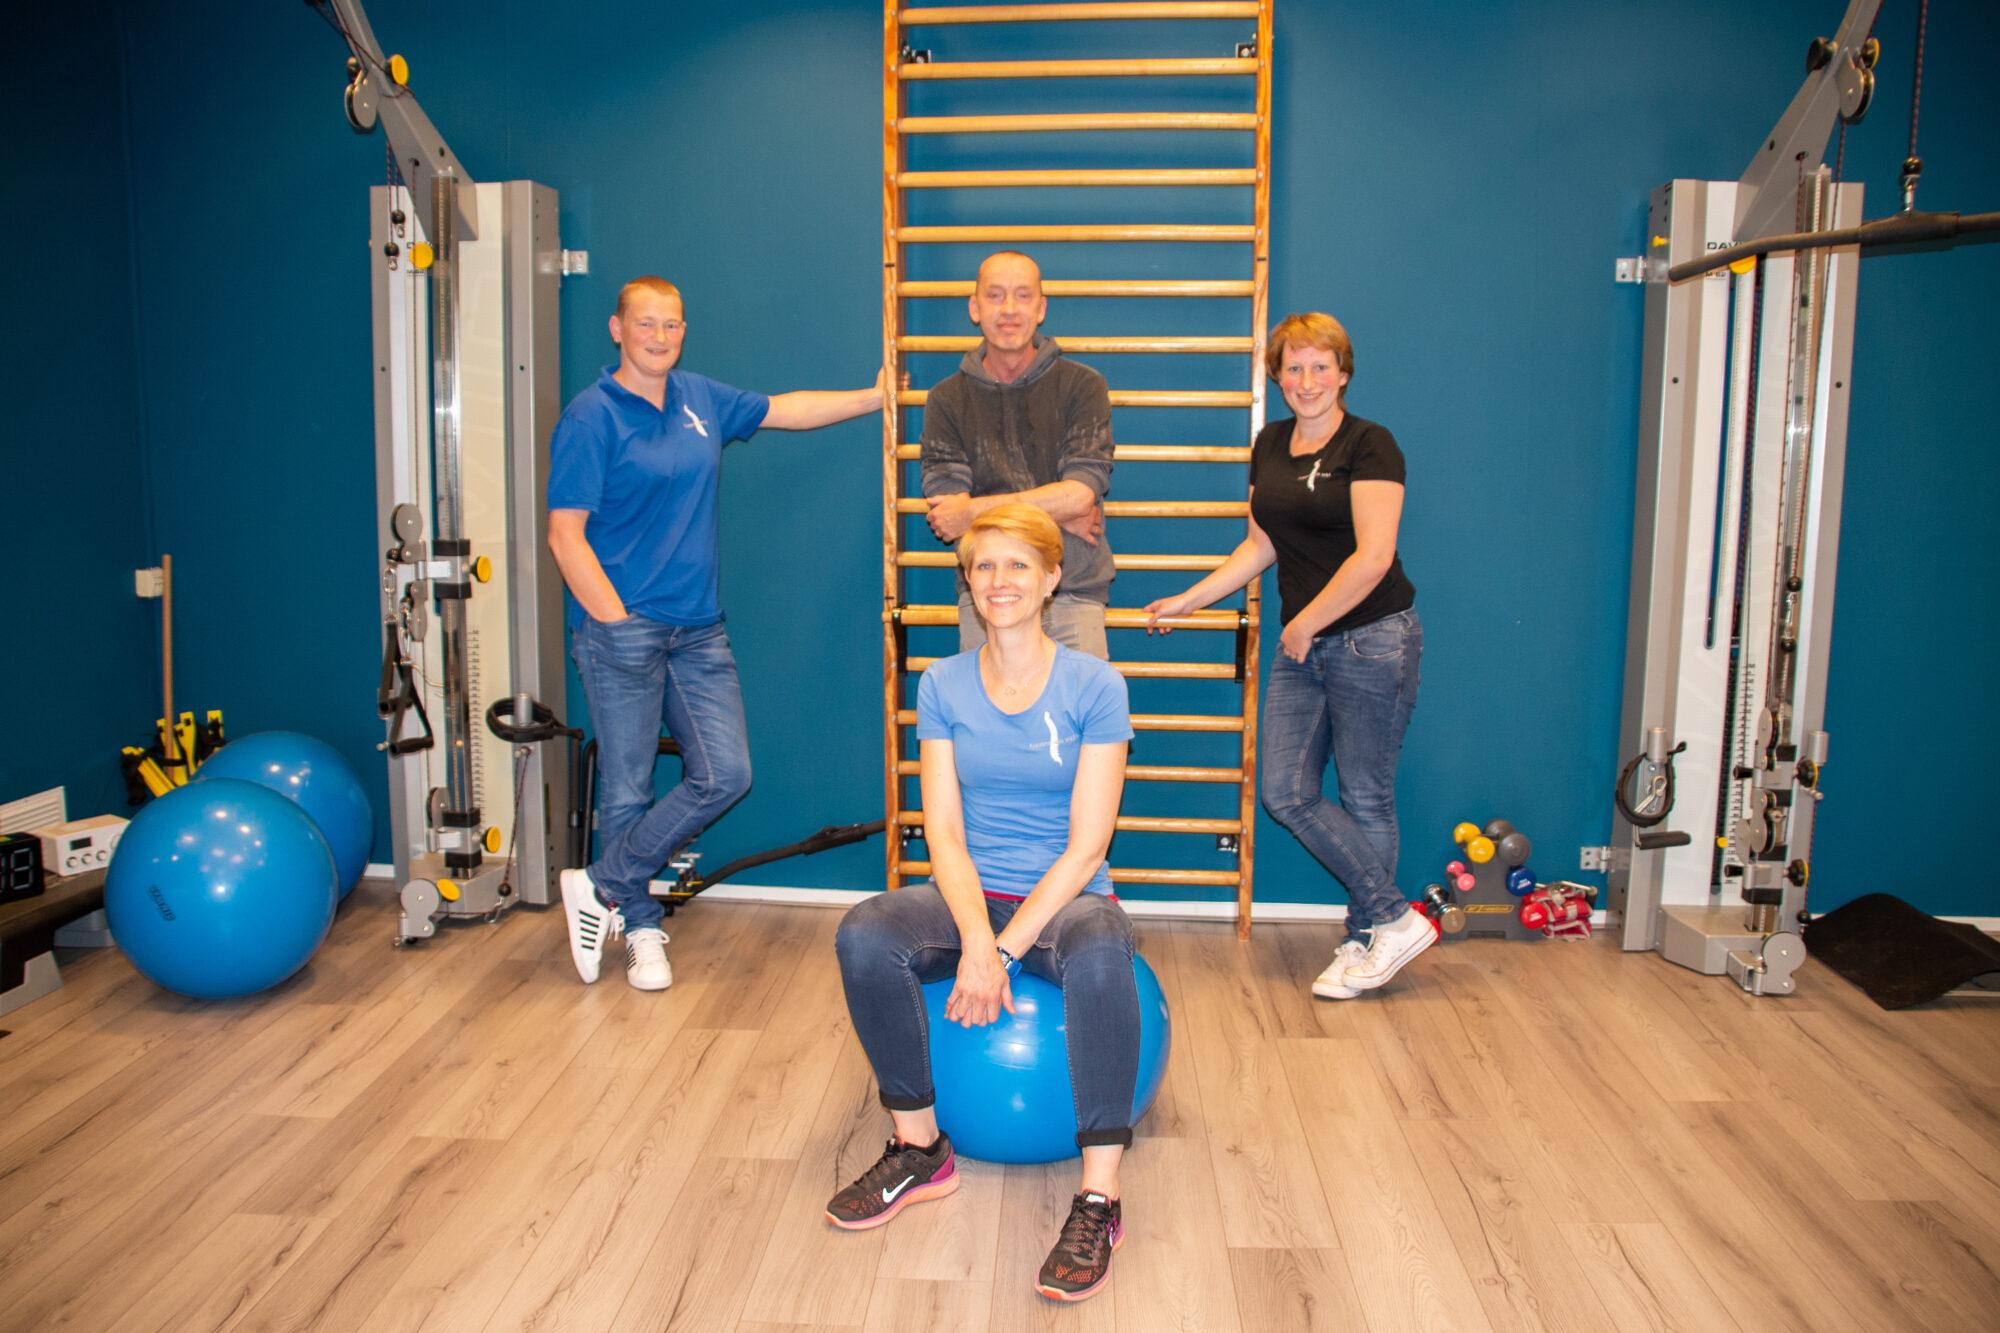 Fysiotherapie W&H: 'In veilige werkomgeving patiënten verantwoord behandelen'